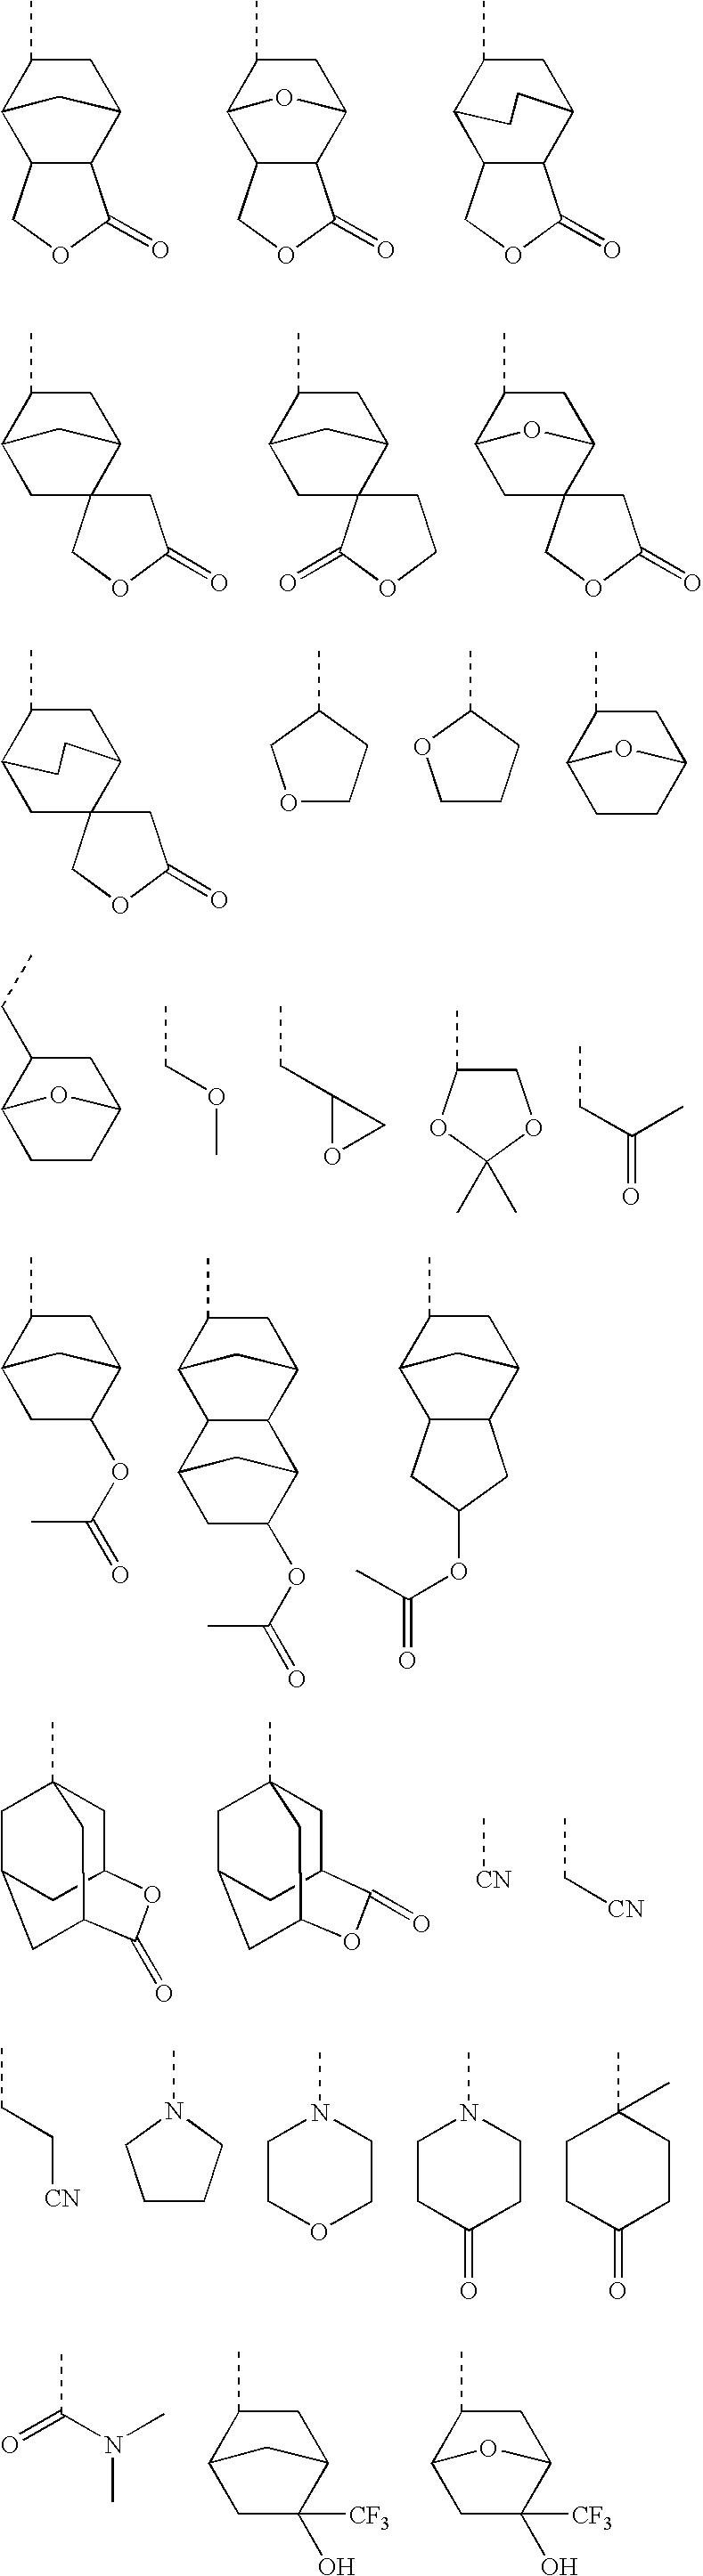 Figure US20060094817A1-20060504-C00042